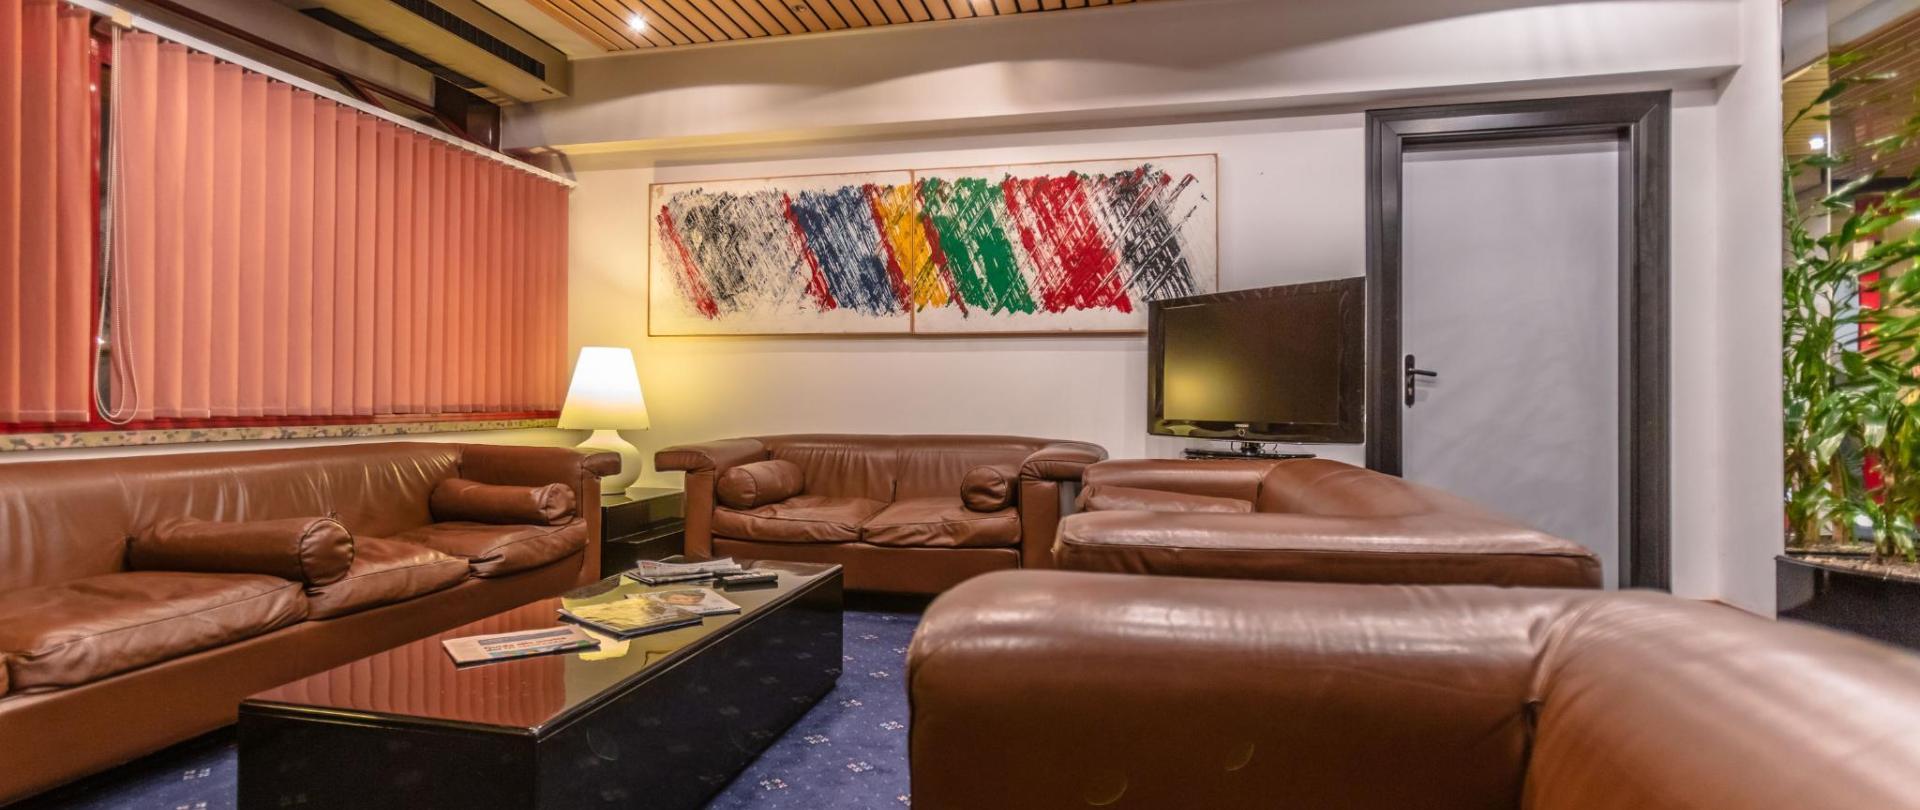 hotel-reggio-emilia-66.jpg